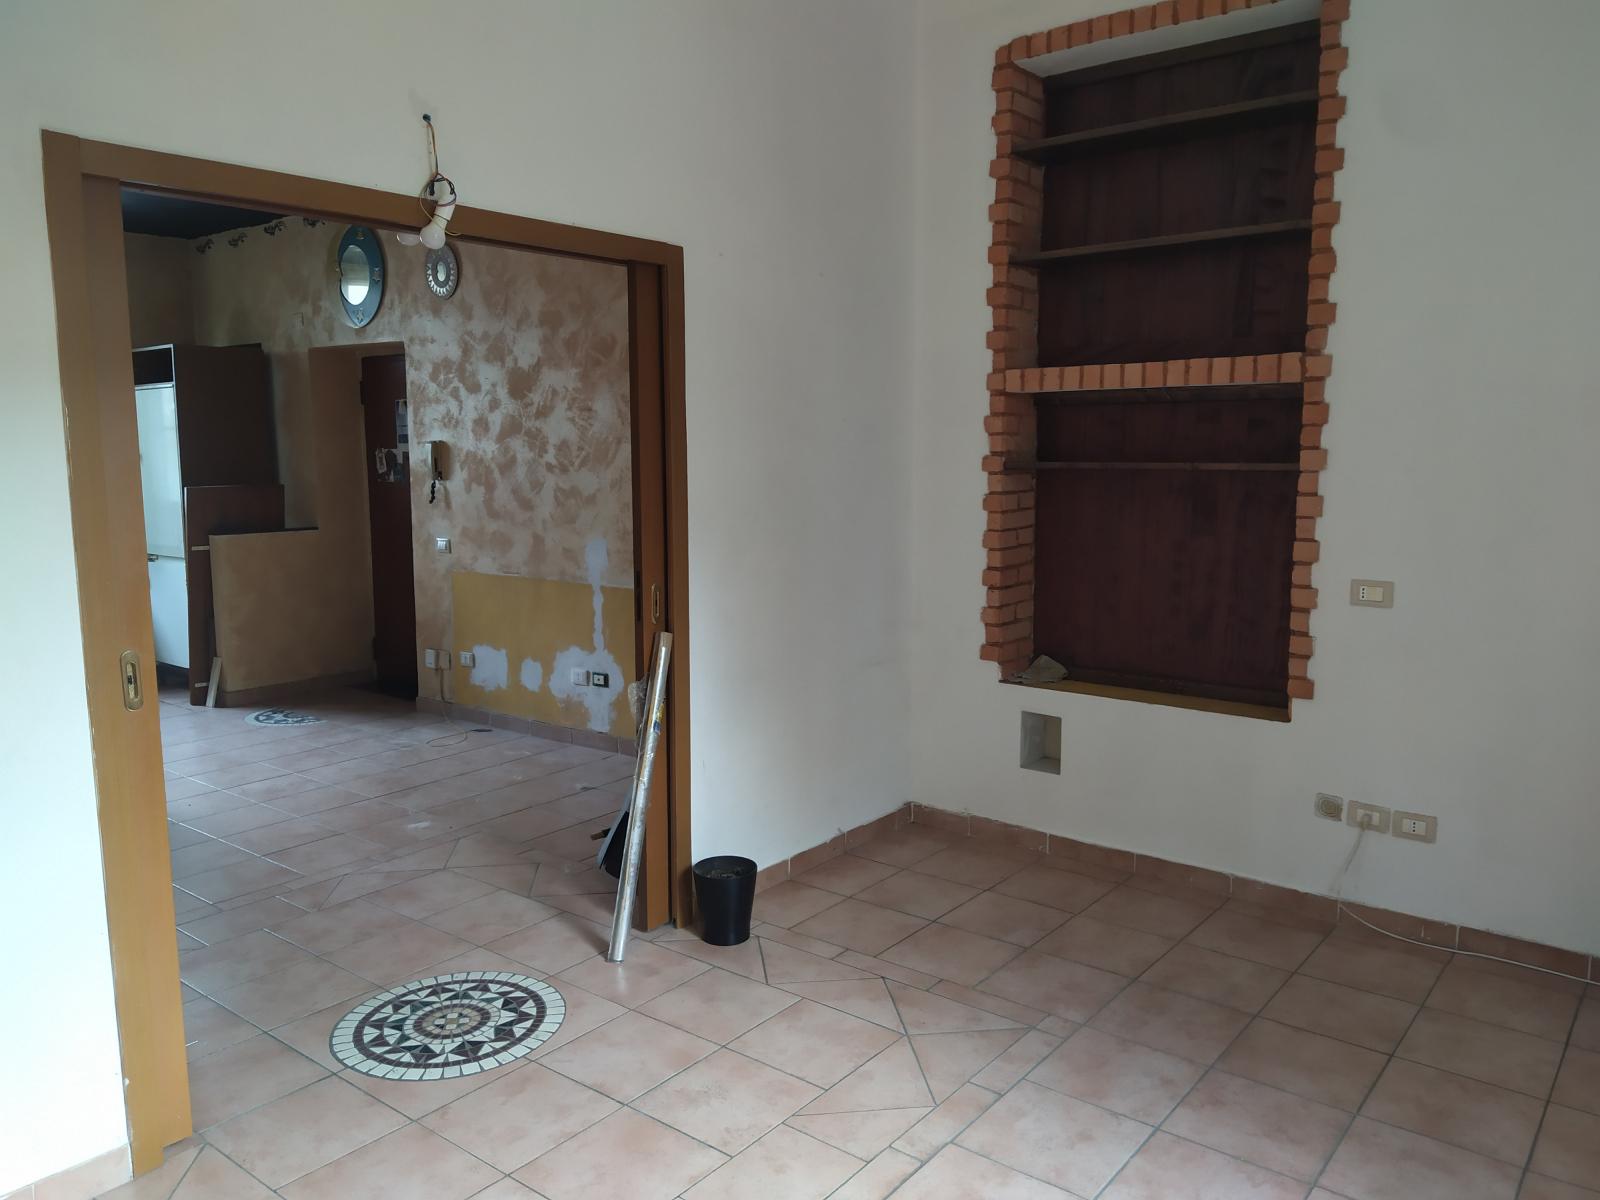 appatamento-in-vendita-a-milano-baggio-bilocale-2-locali-spaziourbano-immobiliare-vende-13